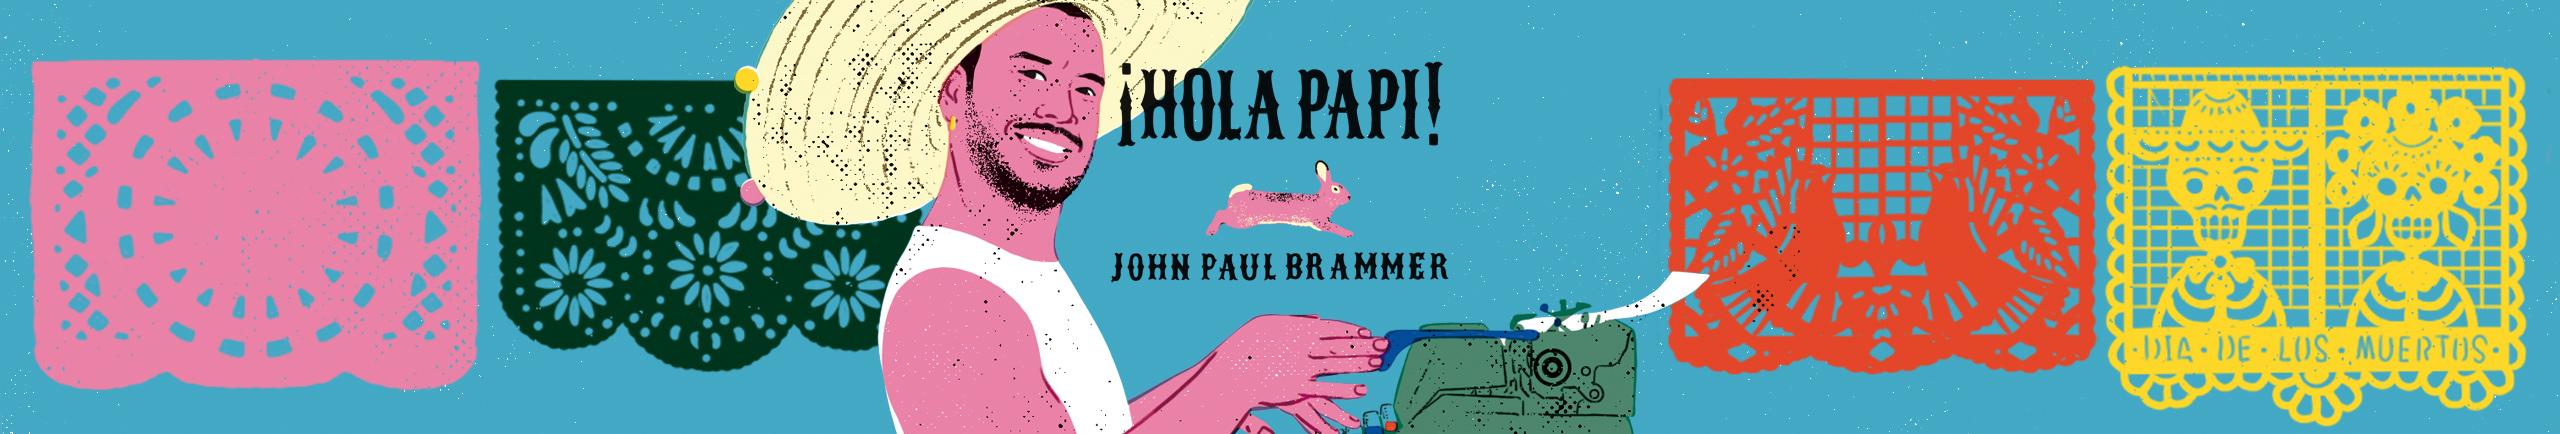 Hola Papi by John Paul Brammer